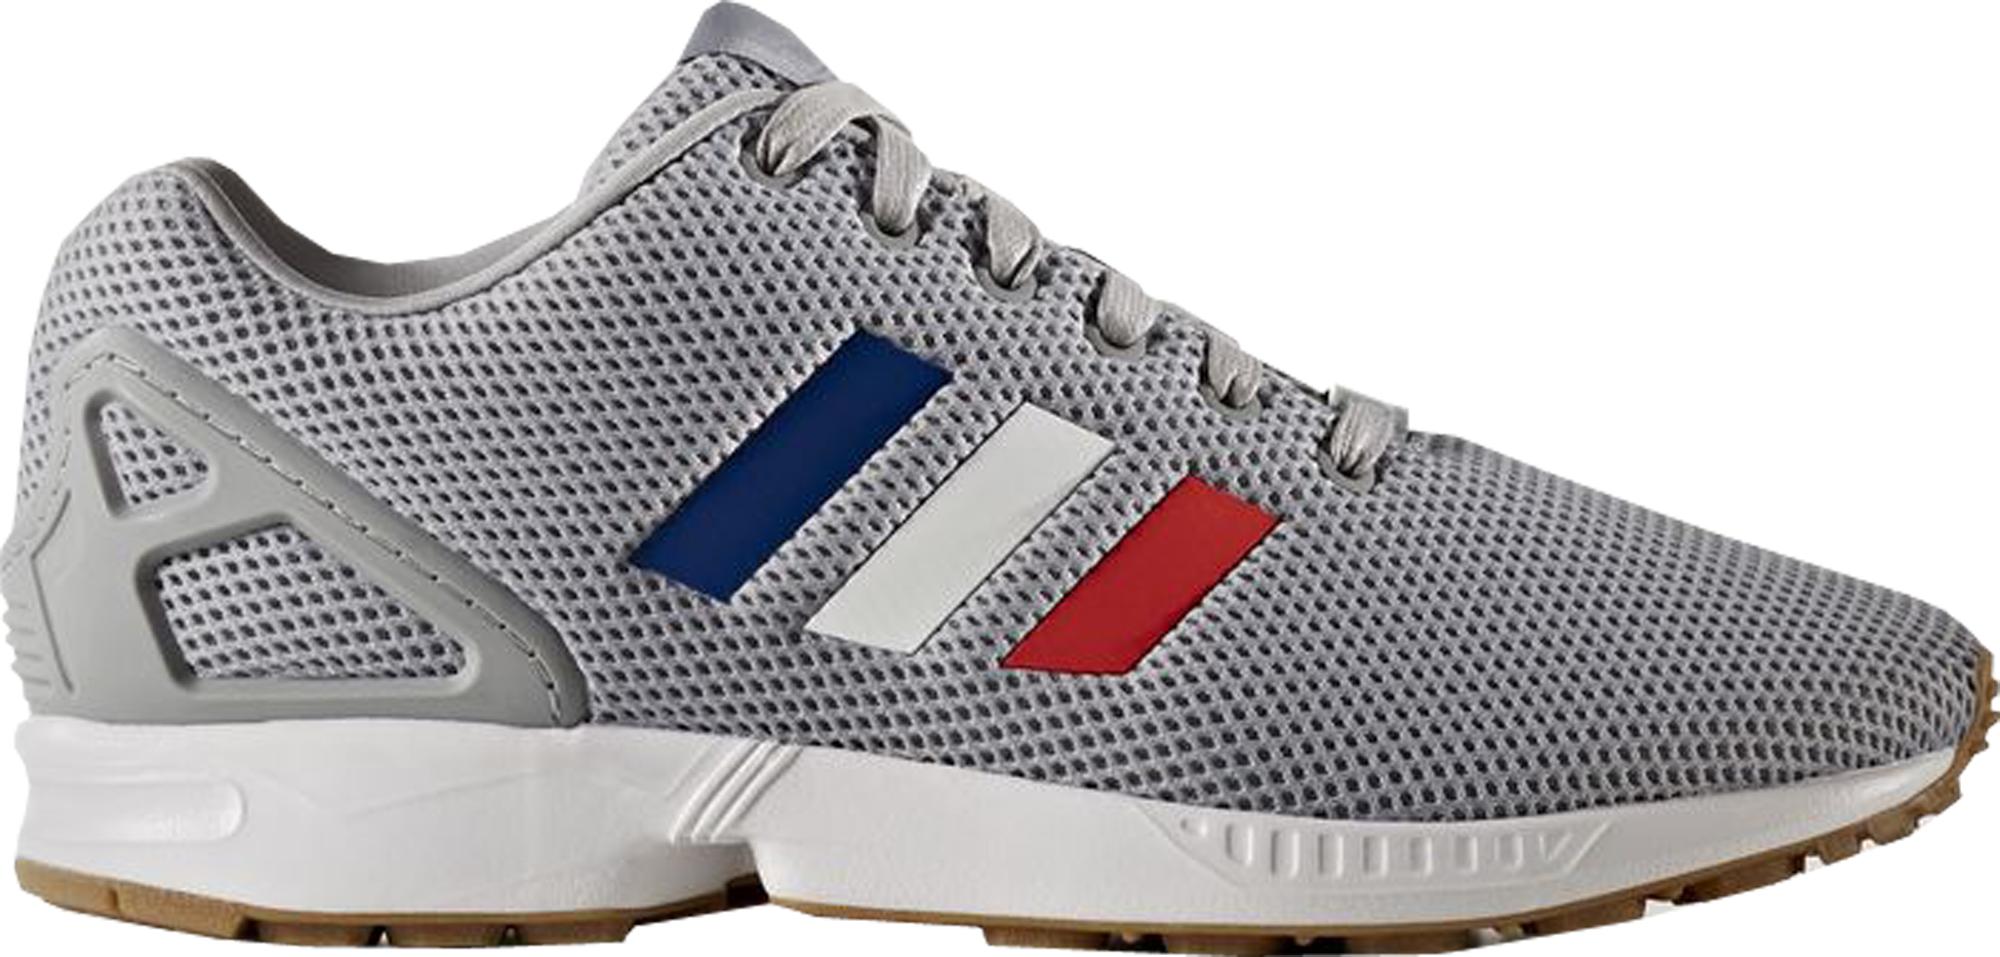 Adidas zx flusso tri - colore (grigio) bb2768 strisce